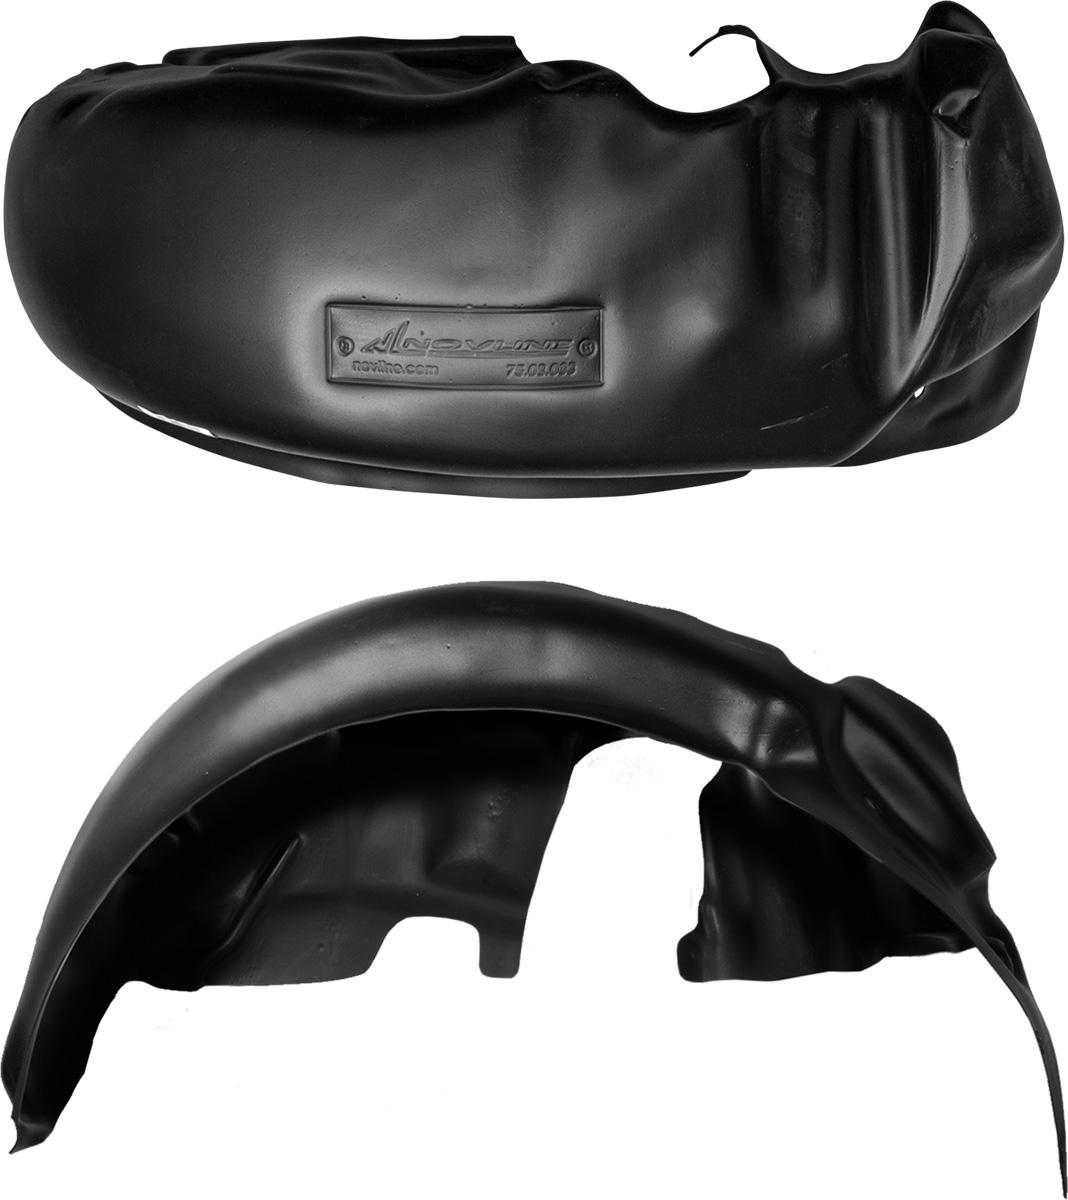 Подкрылок NISSAN Terrano 4x4, 2014->, задний правыйCA-3505Колесные ниши – одни из самых уязвимых зон днища вашего автомобиля. Они постоянно подвергаются воздействию со стороны дороги. Лучшая, почти абсолютная защита для них - специально отформованные пластиковые кожухи, которые называются подкрылками, или локерами. Производятся они как для отечественных моделей автомобилей, так и для иномарок. Подкрылки выполнены из высококачественного, экологически чистого пластика. Обеспечивают надежную защиту кузова автомобиля от пескоструйного эффекта и негативного влияния, агрессивных антигололедных реагентов. Пластик обладает более низкой теплопроводностью, чем металл, поэтому в зимний период эксплуатации использование пластиковых подкрылков позволяет лучше защитить колесные ниши от налипания снега и образования наледи. Оригинальность конструкции подчеркивает элегантность автомобиля, бережно защищает нанесенное на днище кузова антикоррозийное покрытие и позволяет осуществить крепление подкрылков внутри колесной арки практически без дополнительного крепежа и сверления, не нарушая при этом лакокрасочного покрытия, что предотвращает возникновение новых очагов коррозии. Технология крепления подкрылков на иномарки принципиально отличается от крепления на российские автомобили и разрабатывается индивидуально для каждой модели автомобиля. Подкрылки долговечны, обладают высокой прочностью и сохраняют заданную форму, а также все свои физико-механические характеристики в самых тяжелых климатических условиях ( от -50° С до + 50° С).